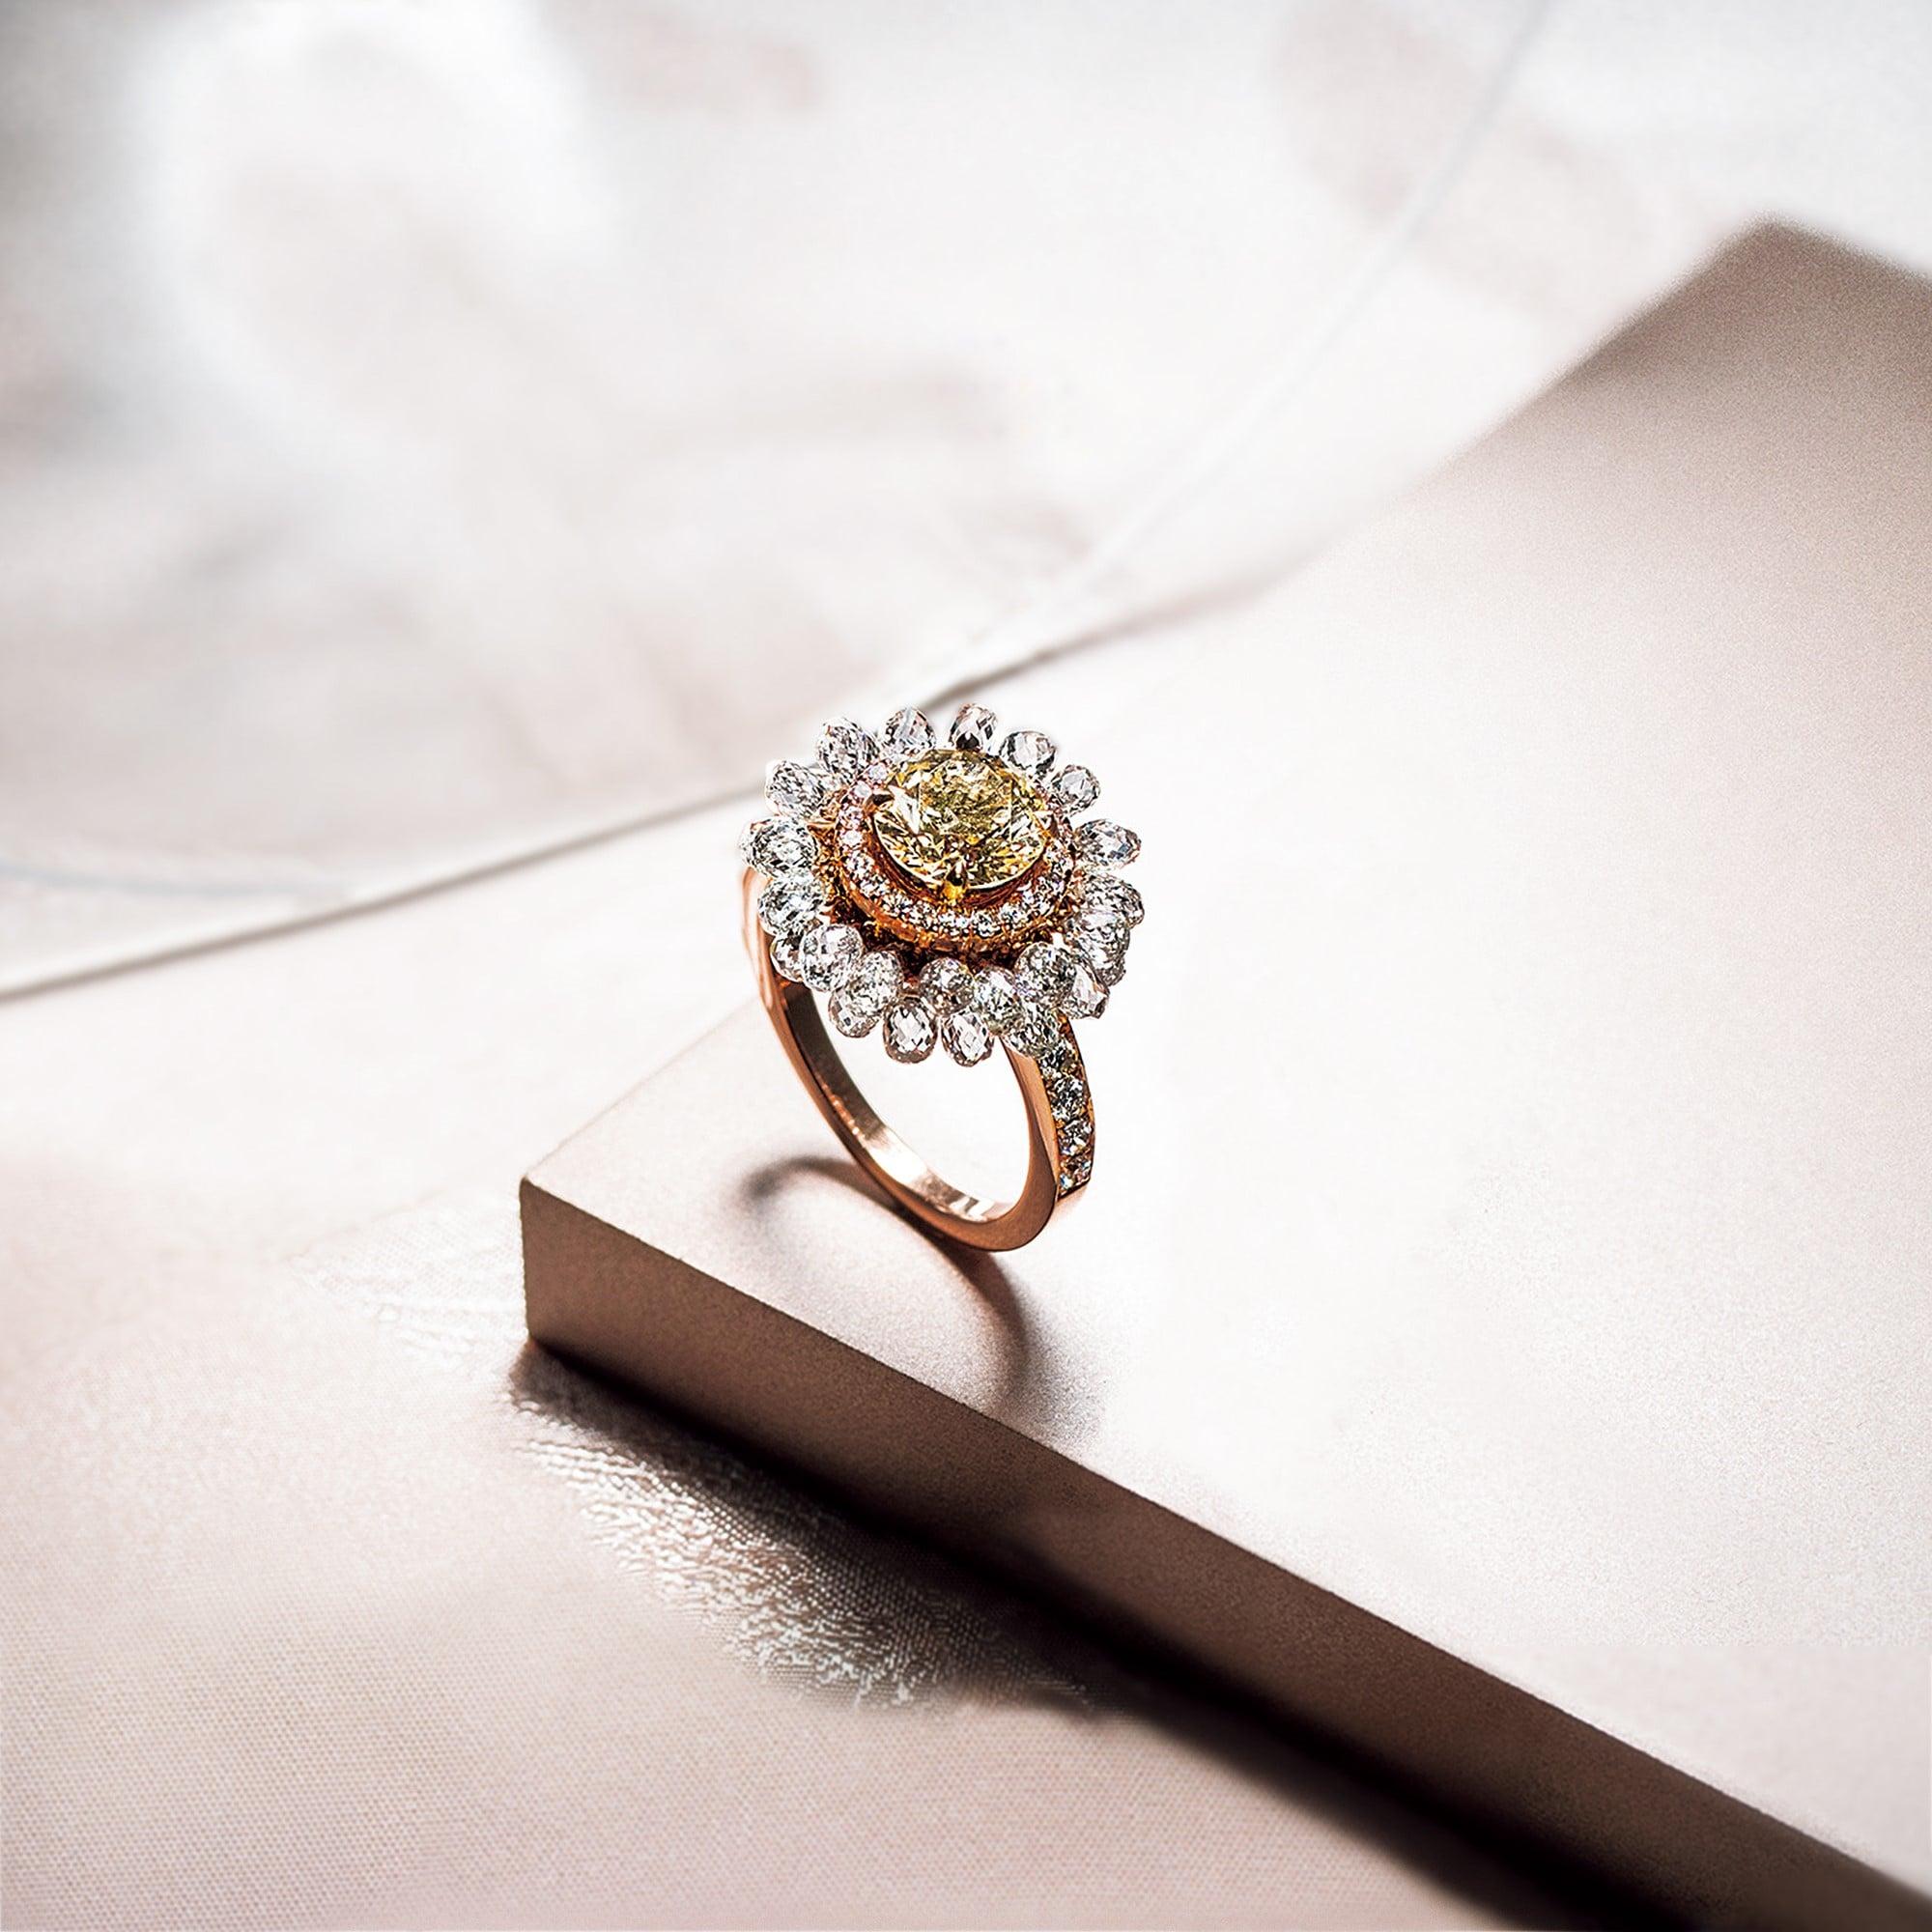 ブリオレットダイヤモンドが花びらのような可憐なリング。センターのラウンドブリリアントカットダイヤモンドは1.27ct、ブリオレットカットは4.06ct 。リング。K18ピンクゴールド・ダイヤモンド。5,060,000円 税込